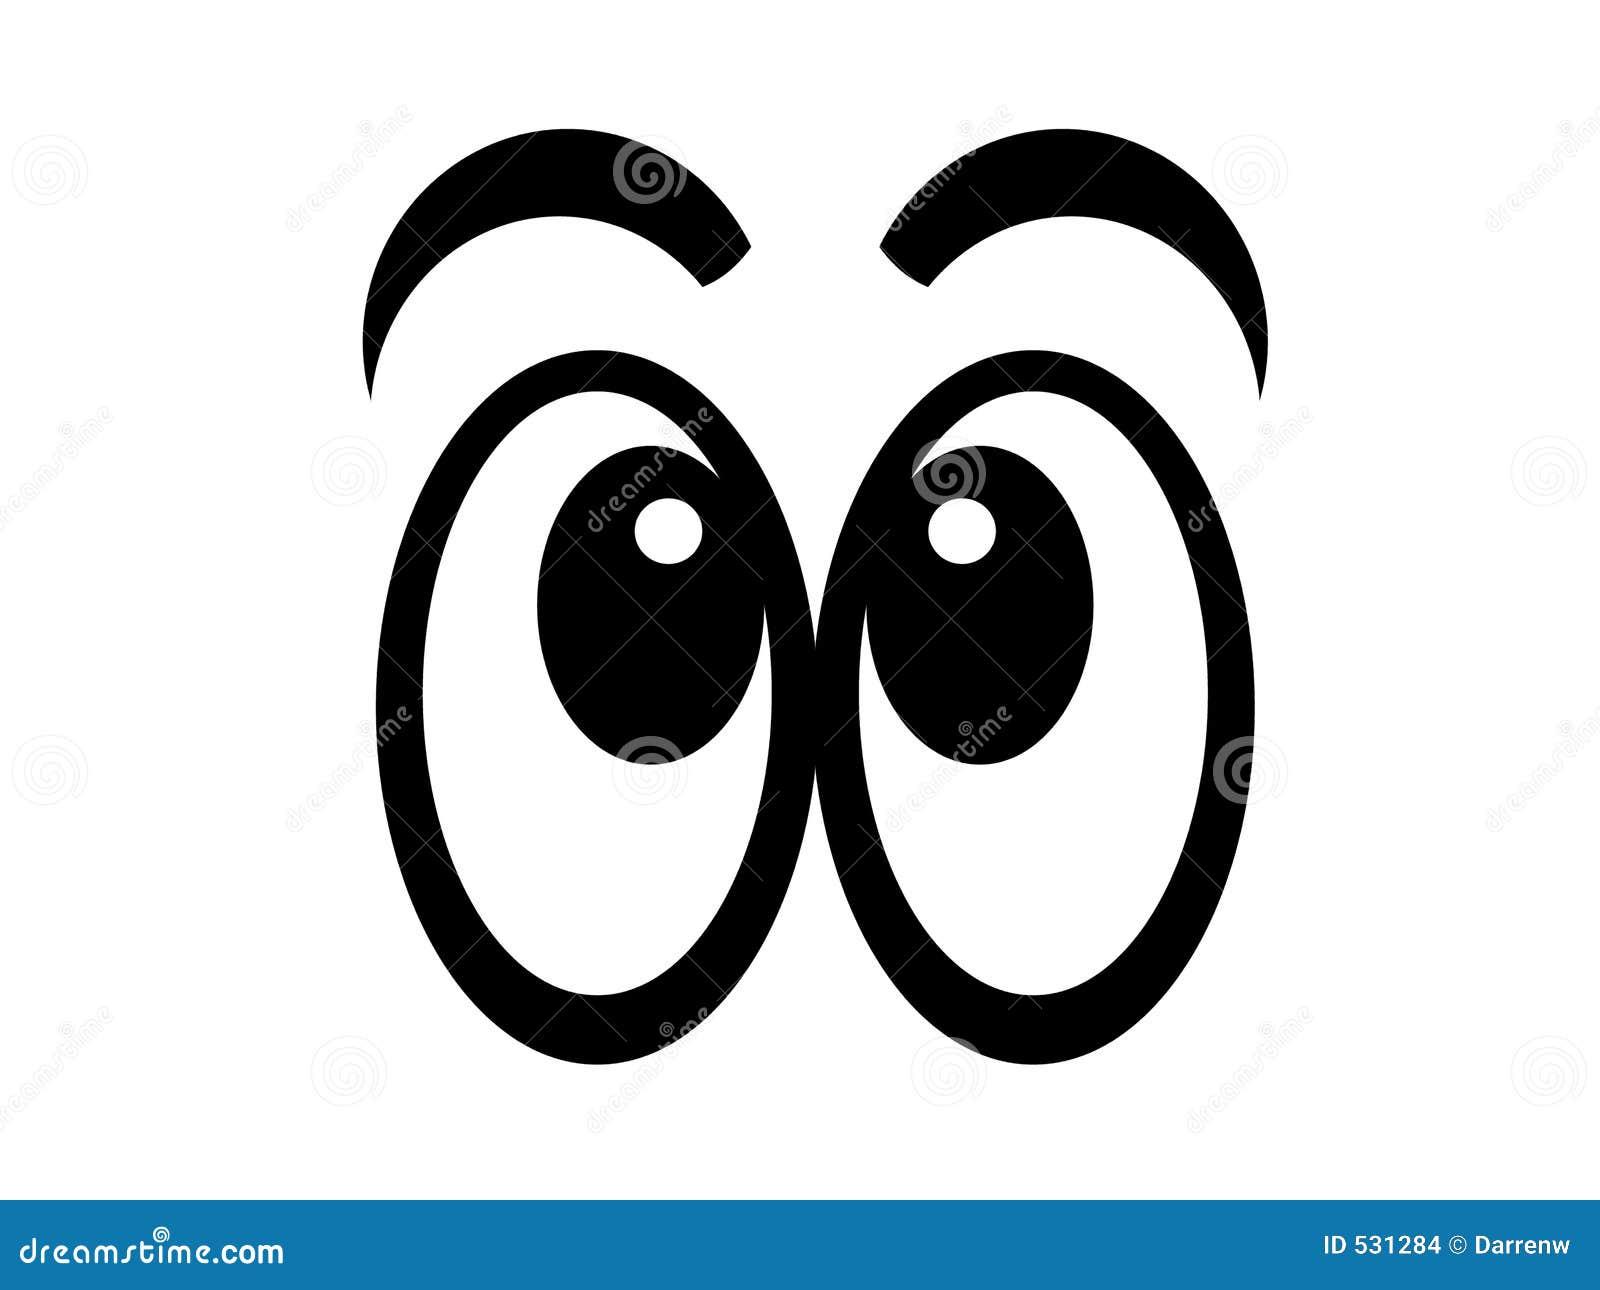 Download Bw可笑的眼睛 库存例证. 插画 包括有 重婚, 投反对票, 空白, 手表, 查看, 例证, 人力, 漫画, 看见 - 531284